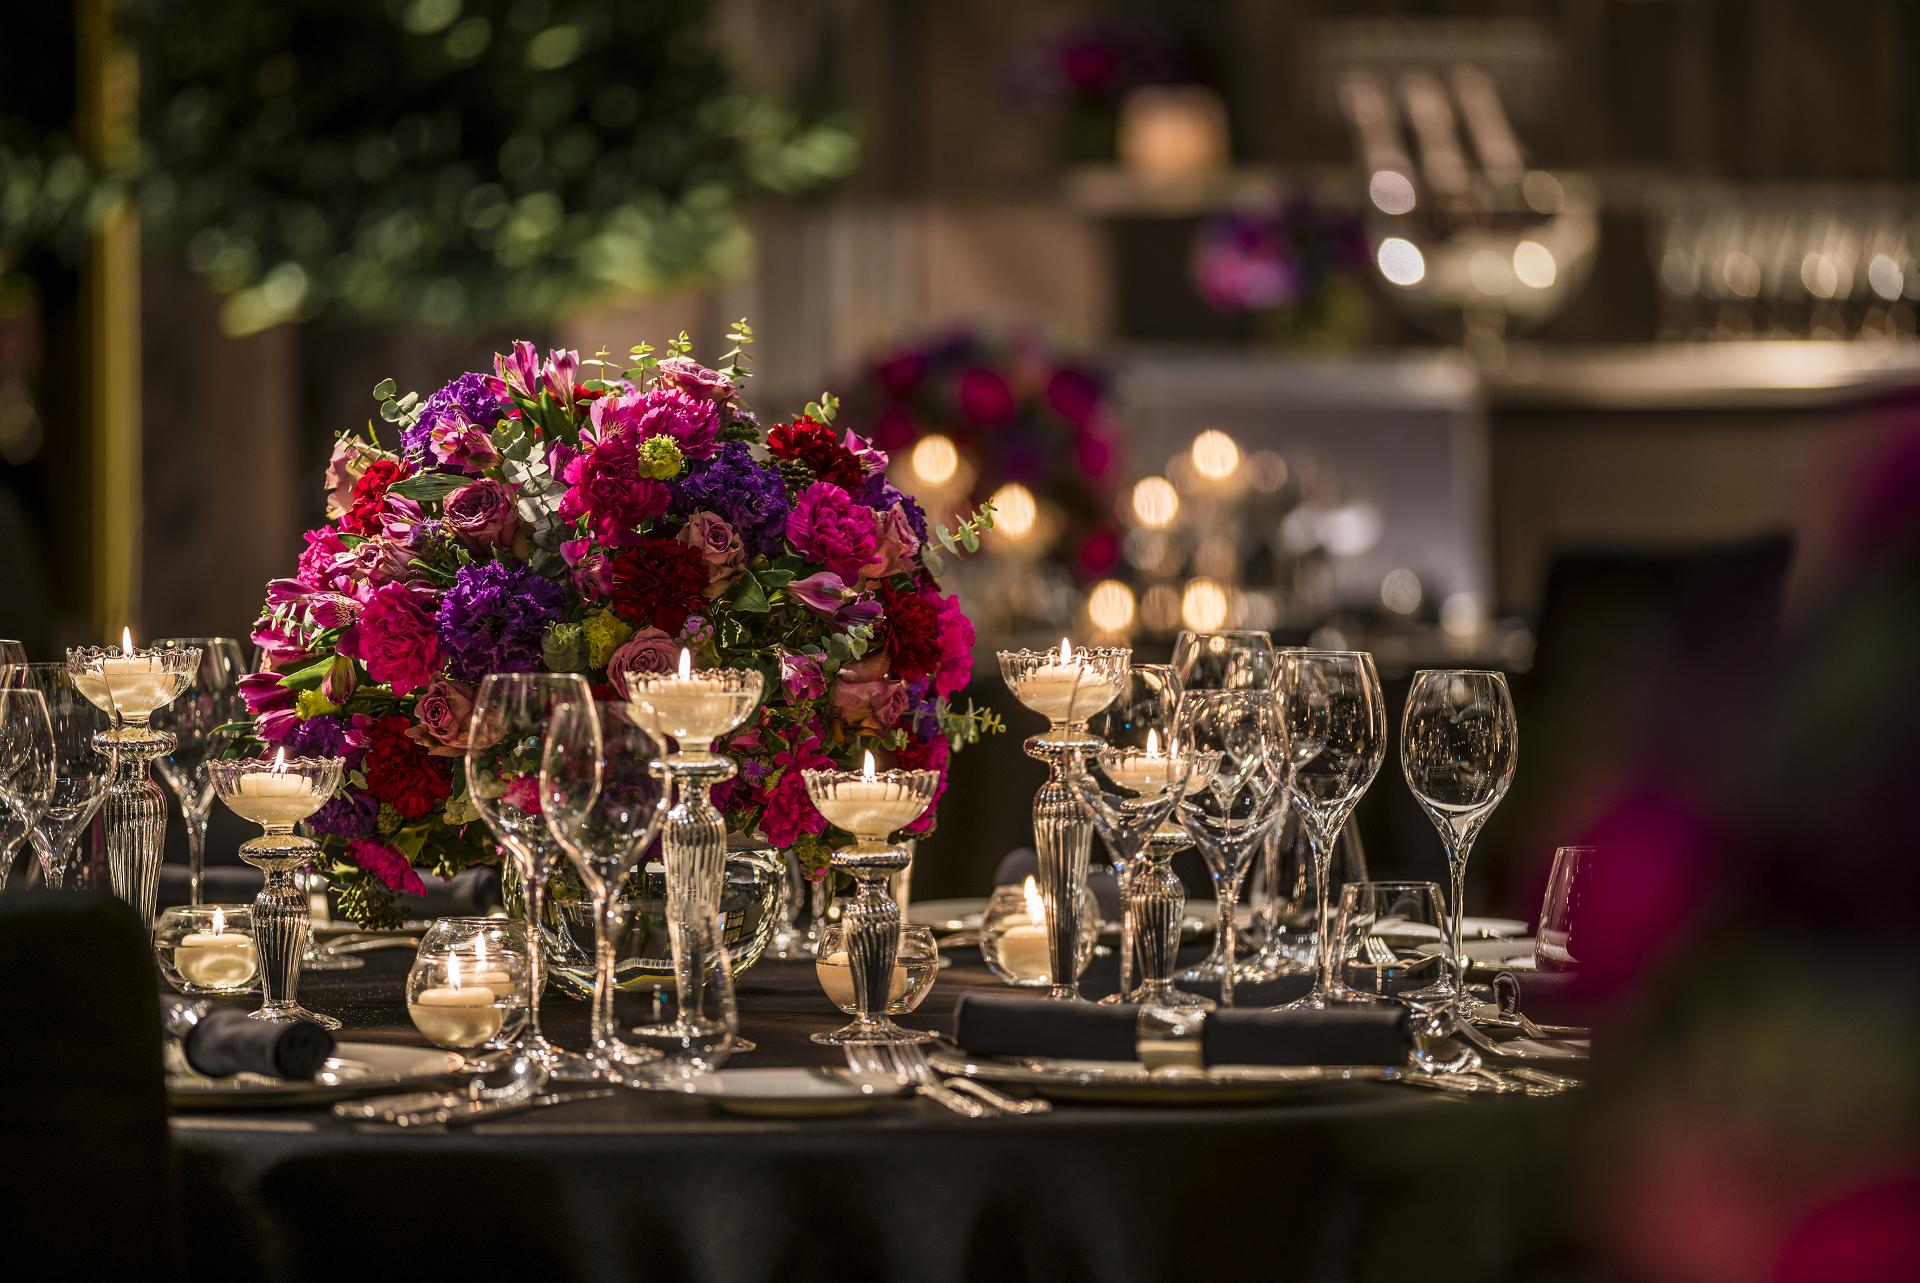 수많은 캔들과 함게 어우러진 퍼플, 마젠타 그리고 어두운 레드컬러의 조합의 특별한 웨딩센터피스. 니콜라이버그만에서 보여질 수 있는 당신만의 특별한 컬러와 디자인을 연출합니다.  Low and round wedding centerpieces using mauve and purple tones of vintage rose, lysianthus, alstromaeria, carnations with pops of green blooms for point. Arranged with cream colored candles.